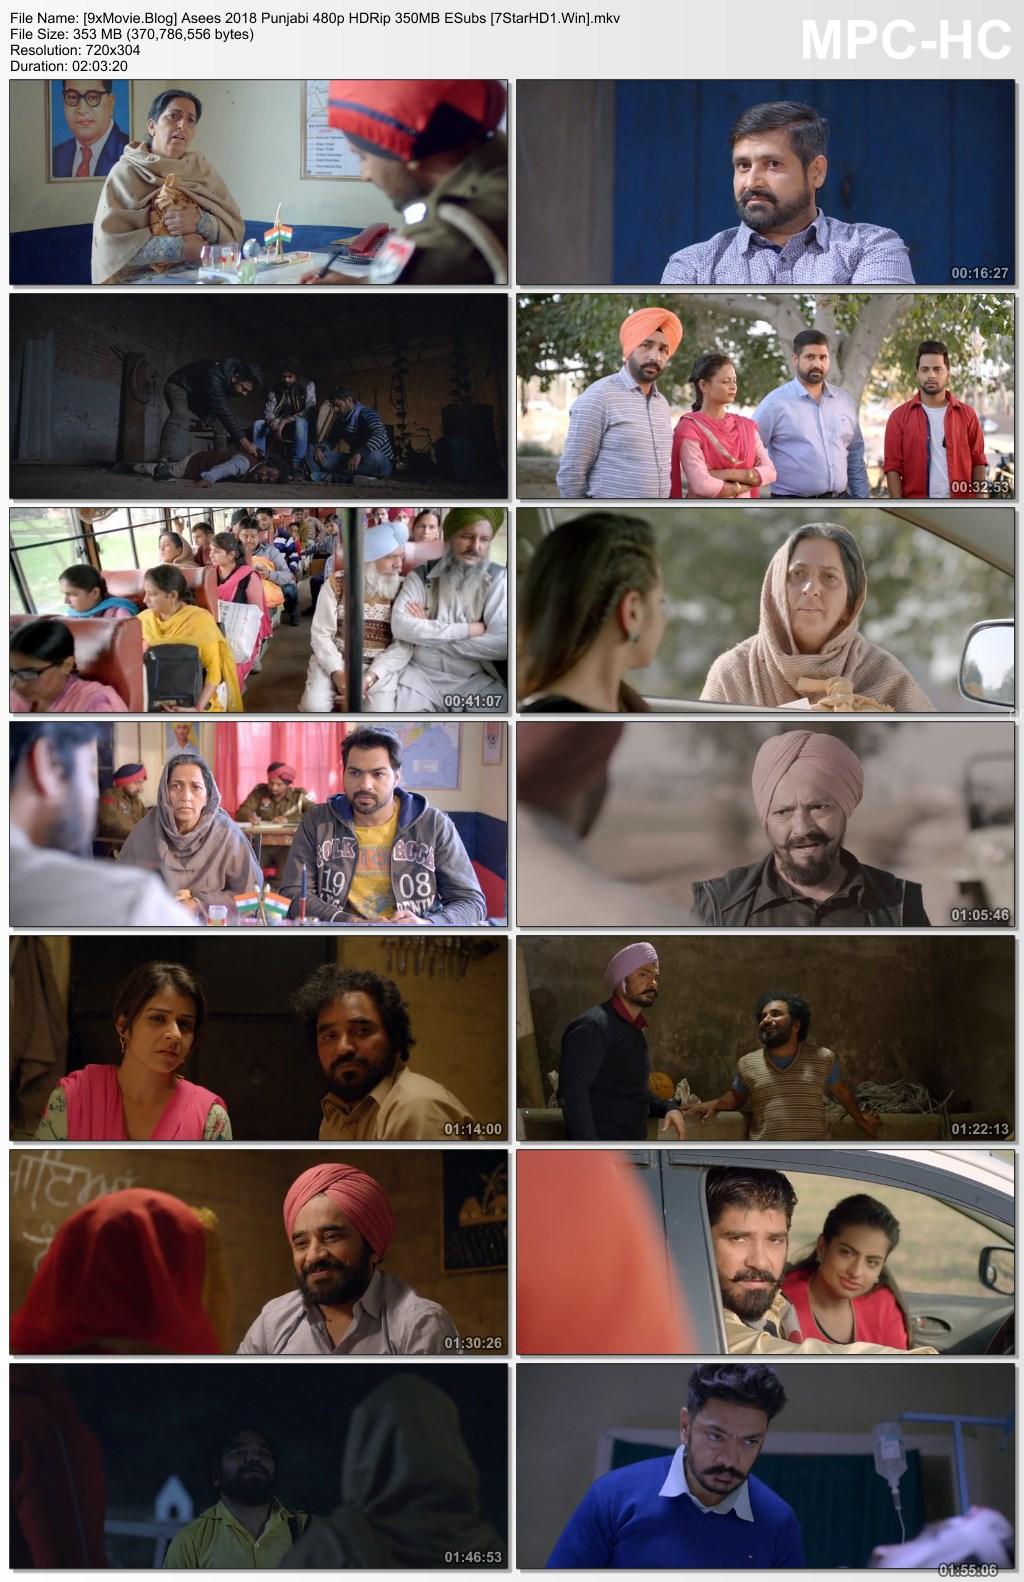 Asees 2018 Punjabi 480p HDRip x264 350MB ESubs